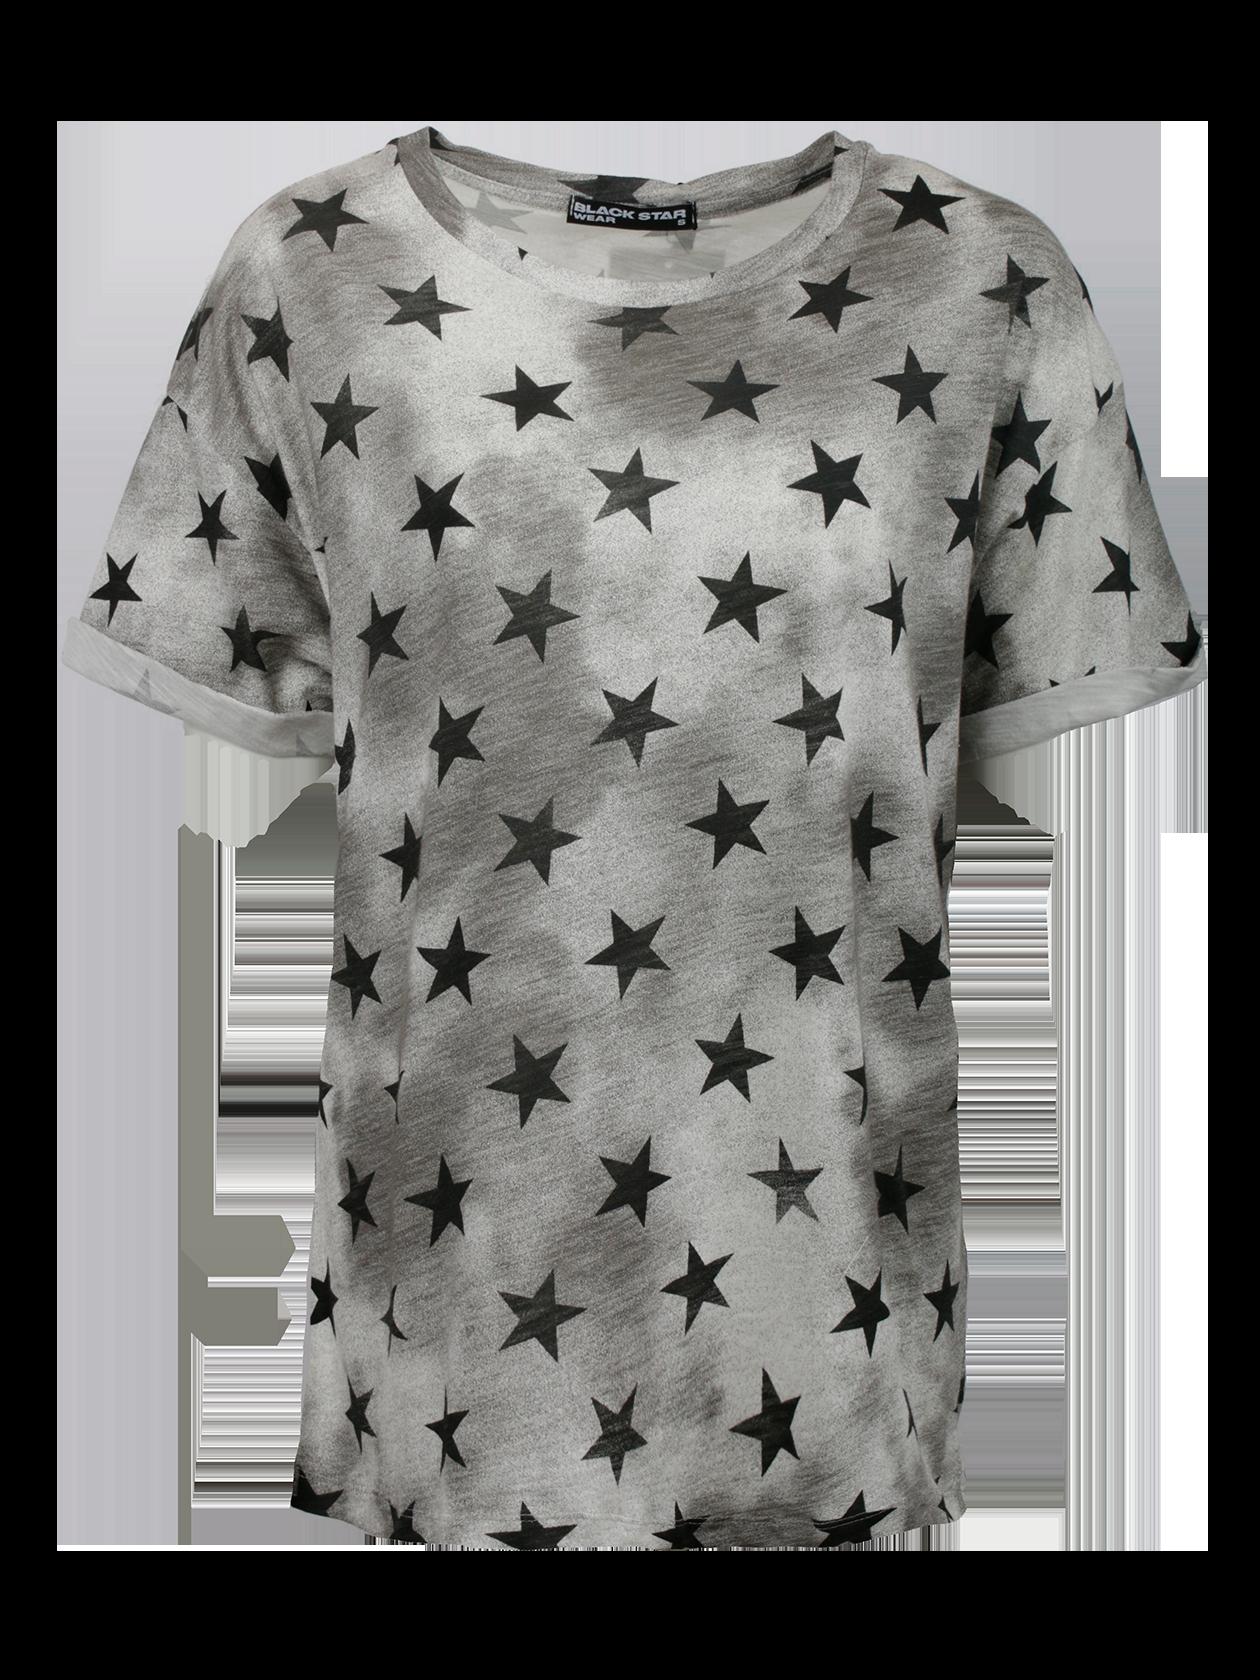 Футболка женская SUPER STARФутболка женская Super Star – яркое дополнение спортивного и повседневного стиля. Модель привлекает внимание оригинальной расцветкой серой расцветкой с темными пятнами и рисунком в виде многочисленных черных звезд. Крой прямой, свободный, линия плеча опущена и переходит в короткий широкий рукав. Горловина средней глубины дополнена жаккардовой нашивкой с логотипом Black Star внутри. Благодаря натуральному высококачественному хлопку футболка отличается высокой практичностью и износостойкостью.<br><br>Размер: L<br>Цвет: Серый<br>Пол: Женский